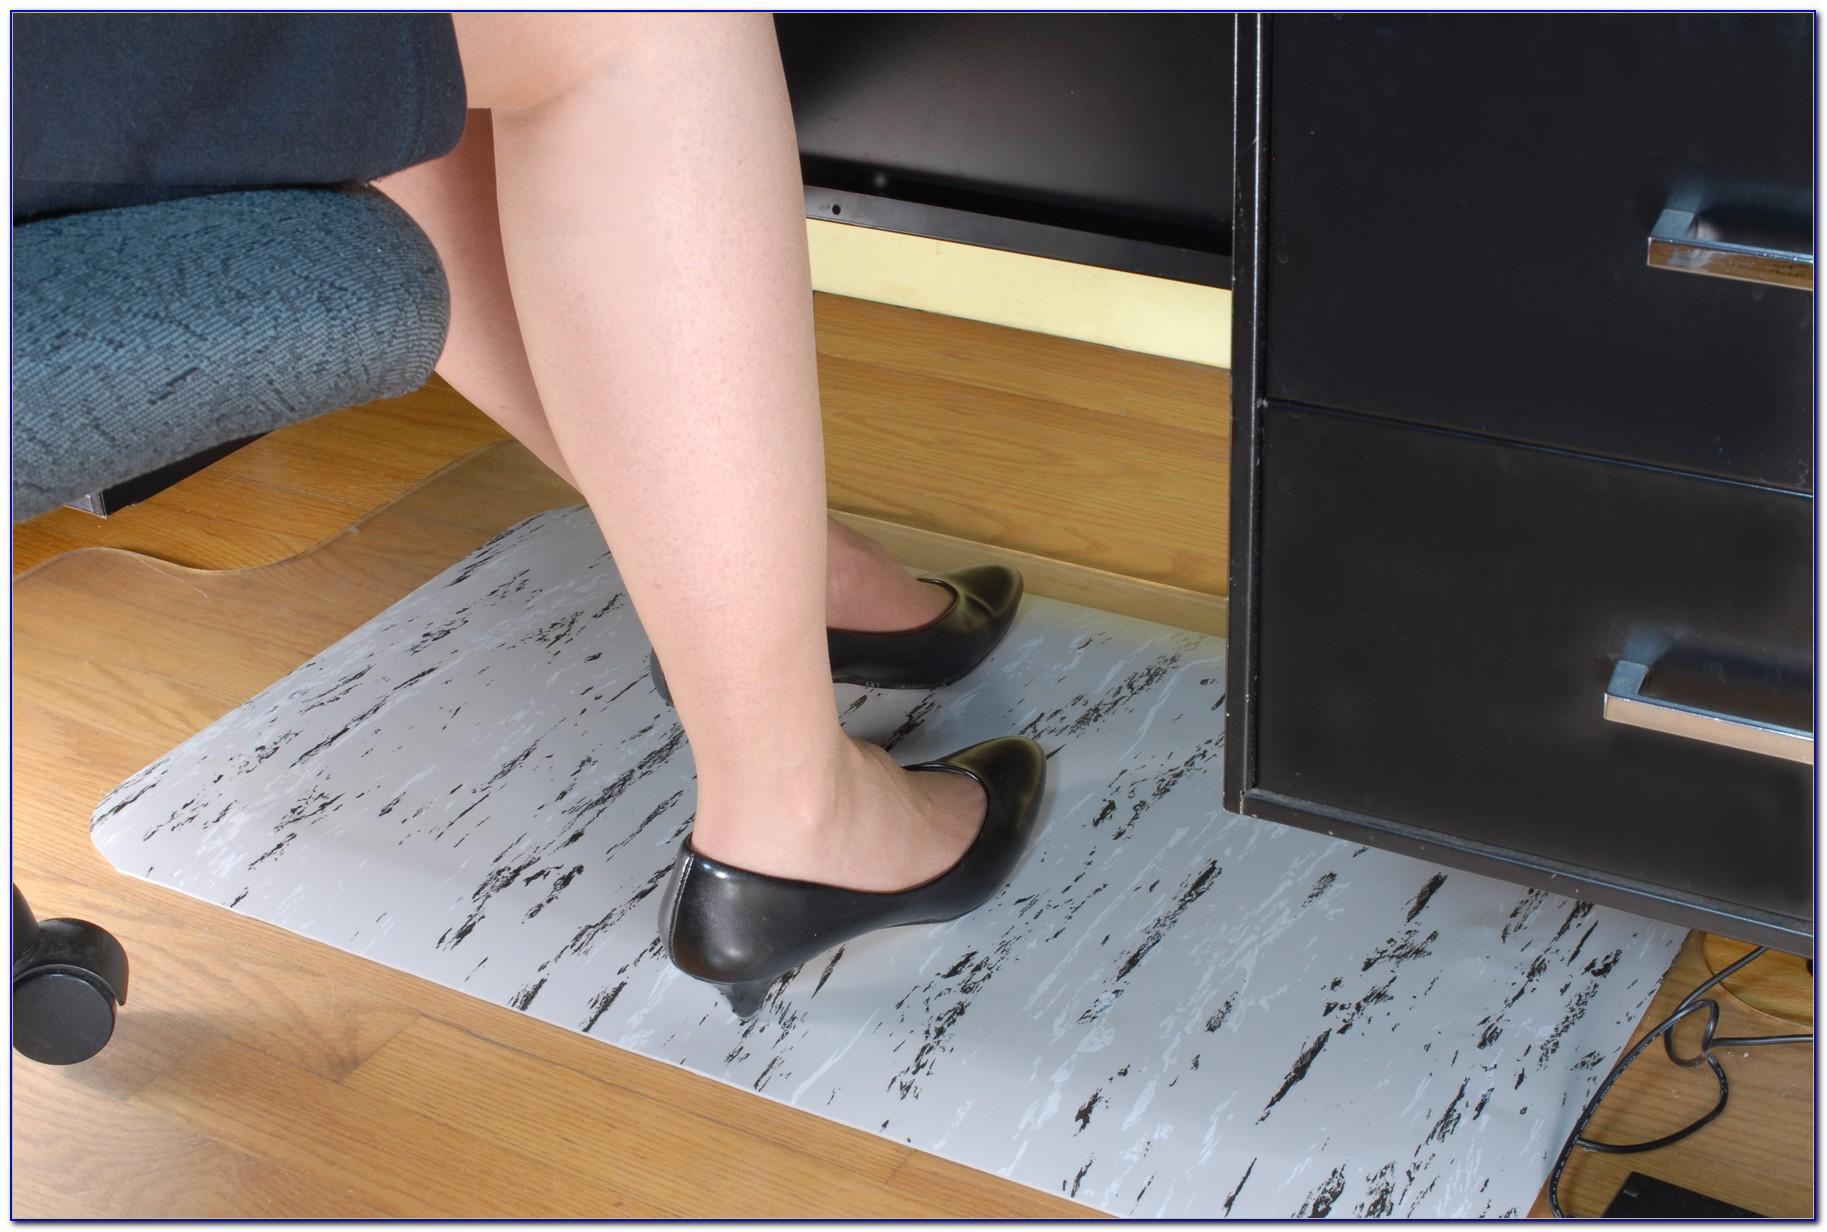 Heated Floor Mat Under Desk